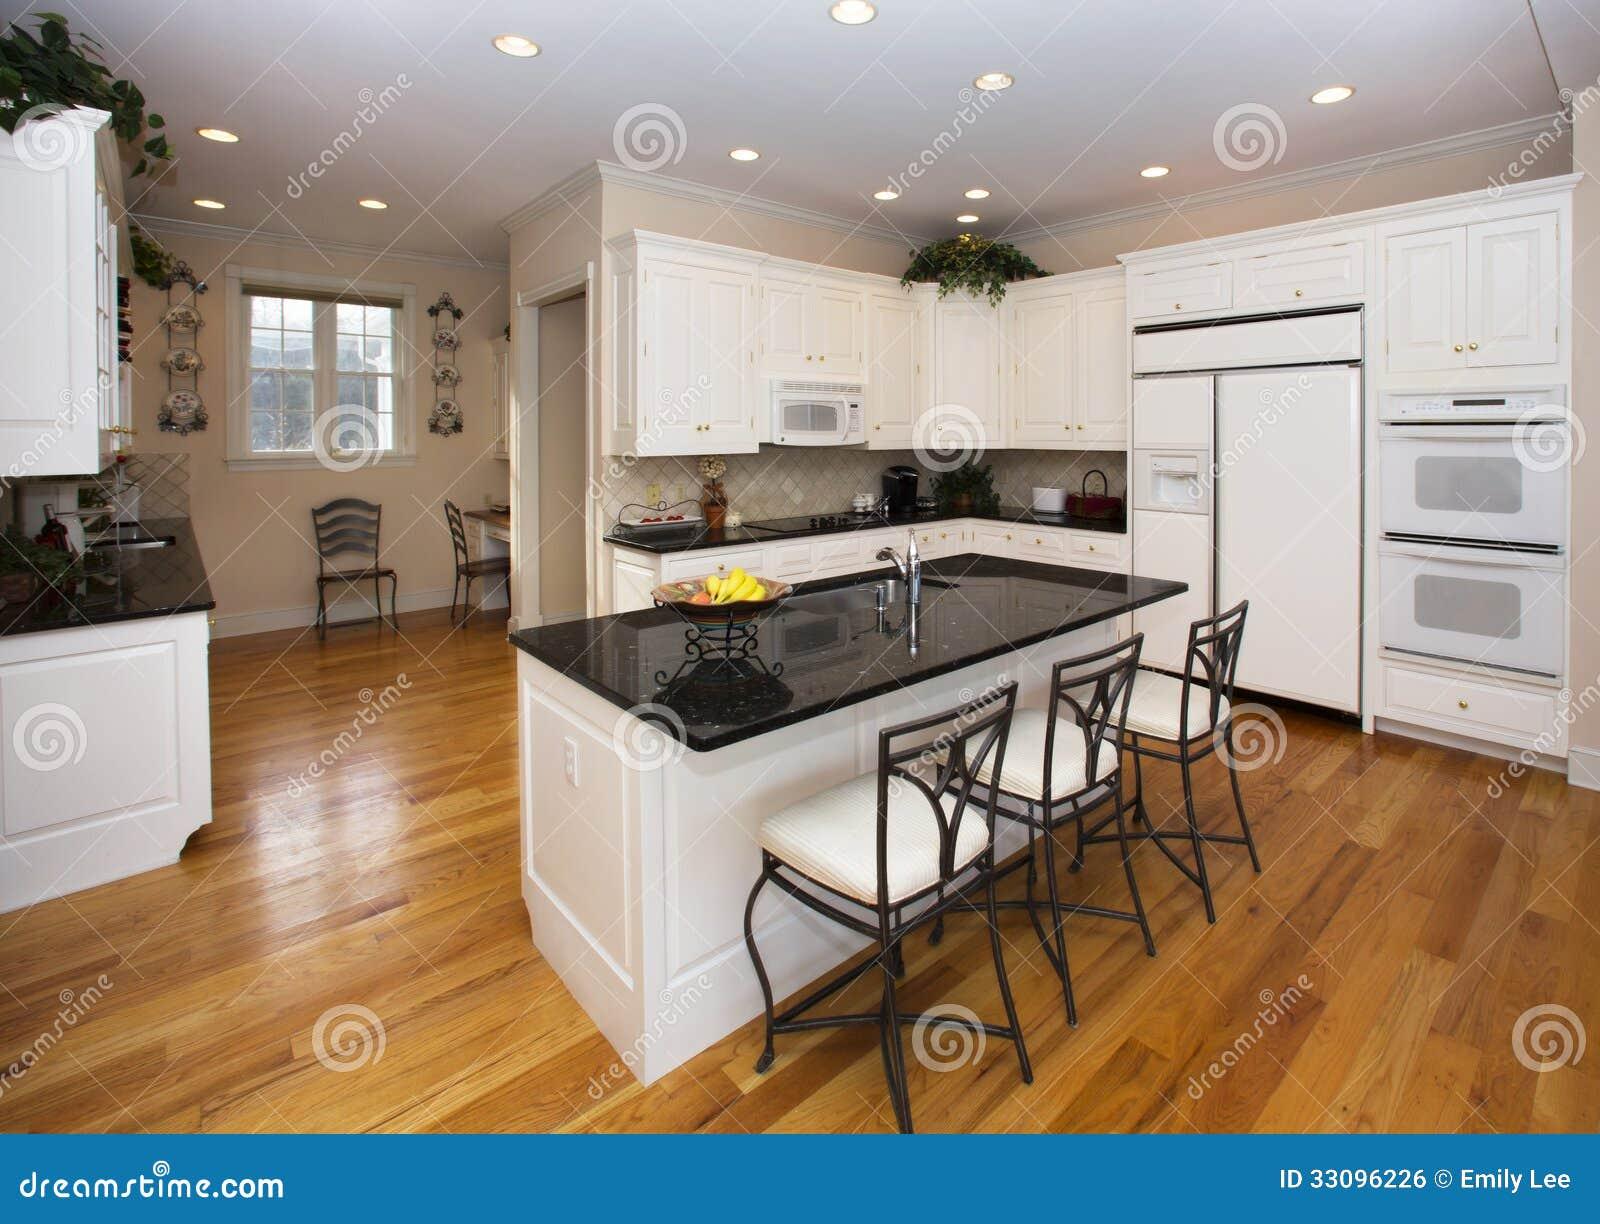 Moderne Witte Keuken Royalty-vrije Stock Afbeelding - Afbeelding ...